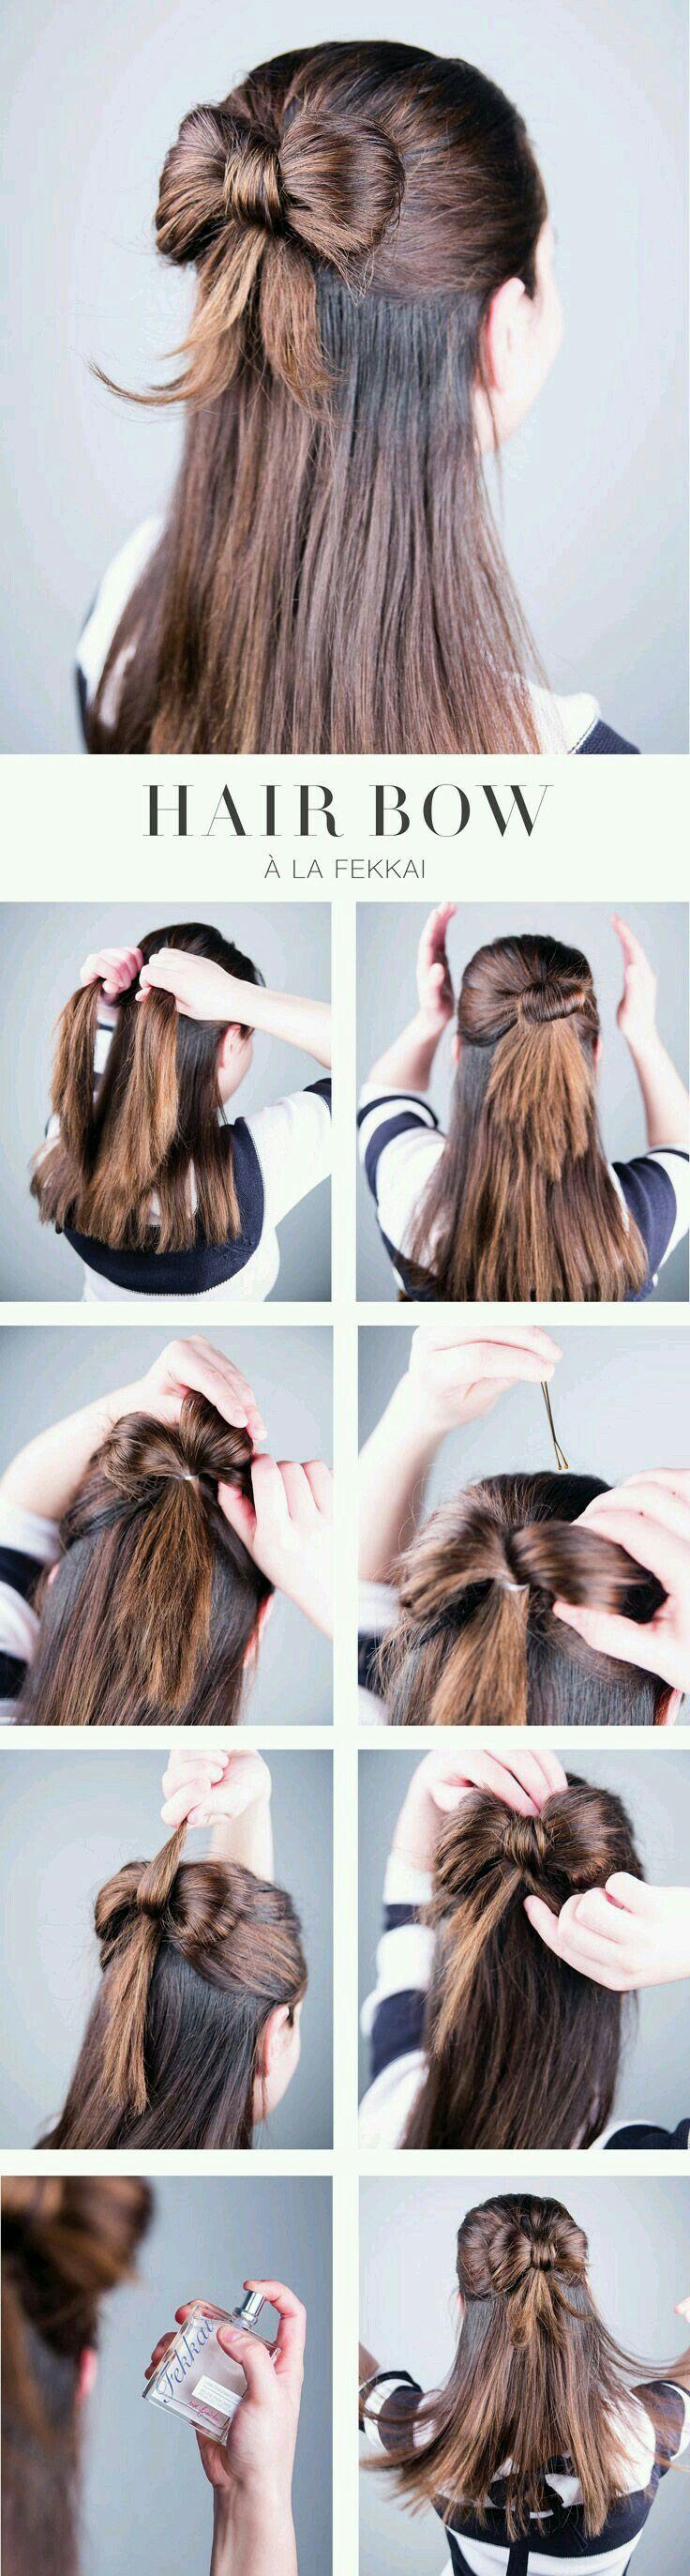 Peinados sencillos y creativos